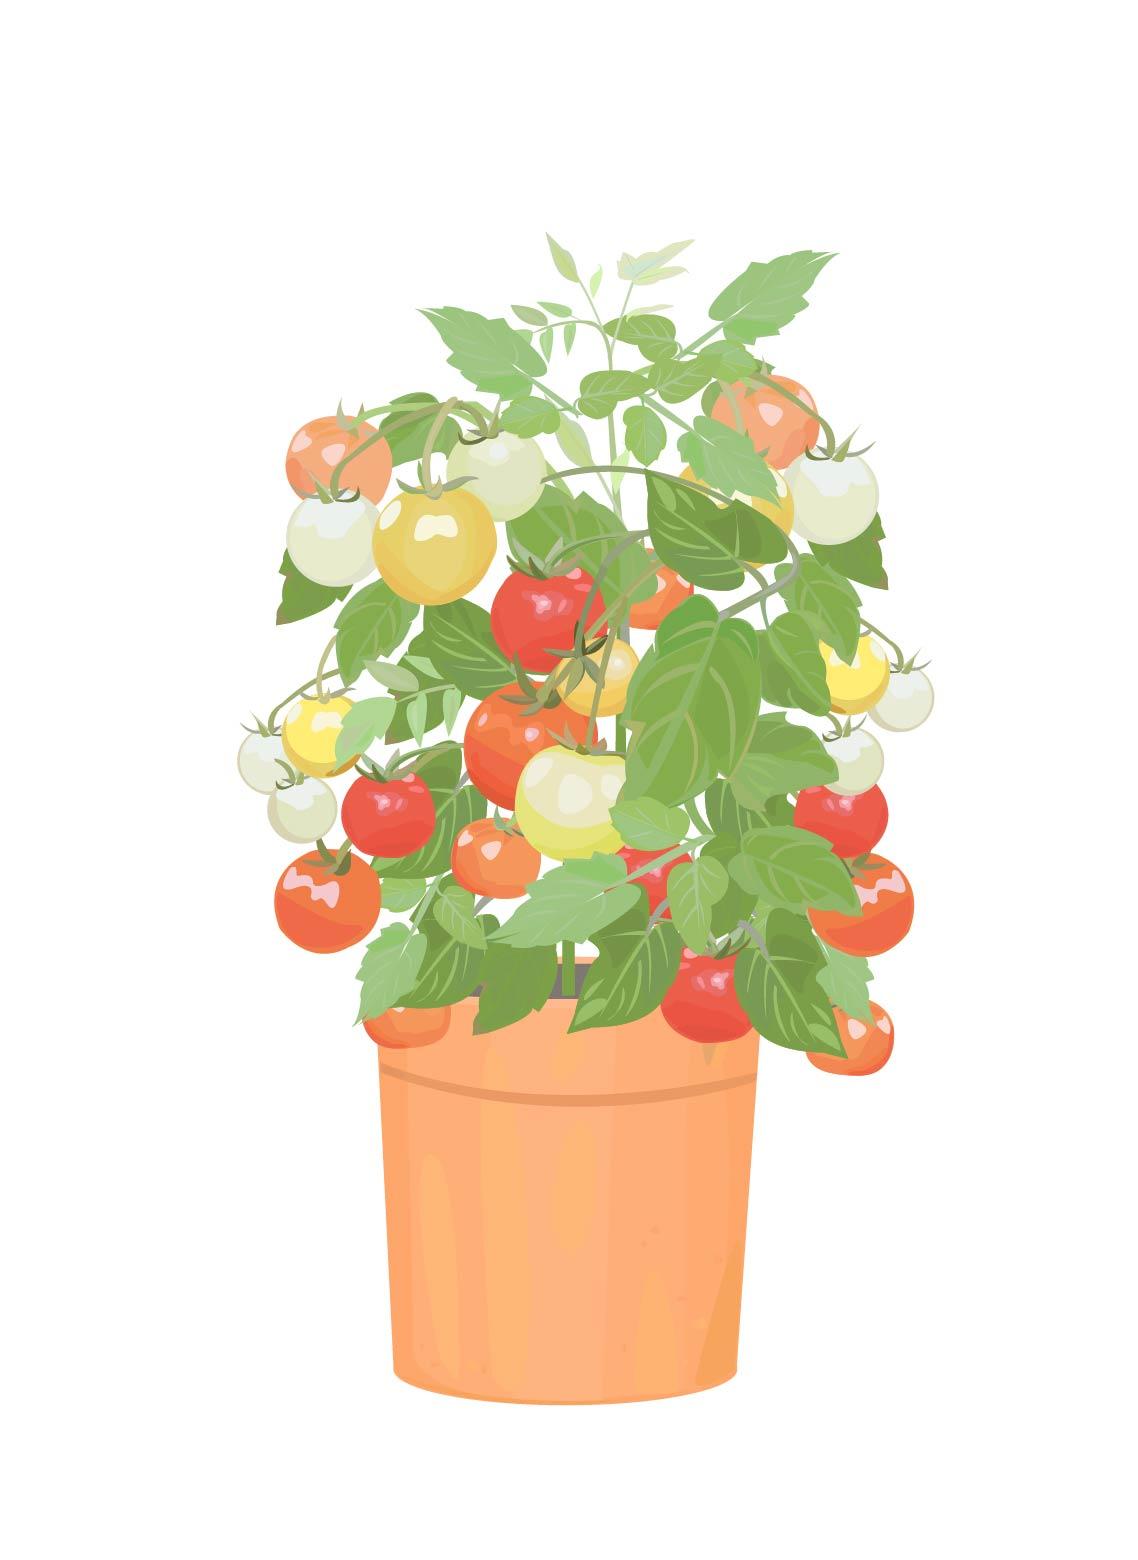 野菜栽培は簡単にできる?ミニトマトときゅうりを植えました!